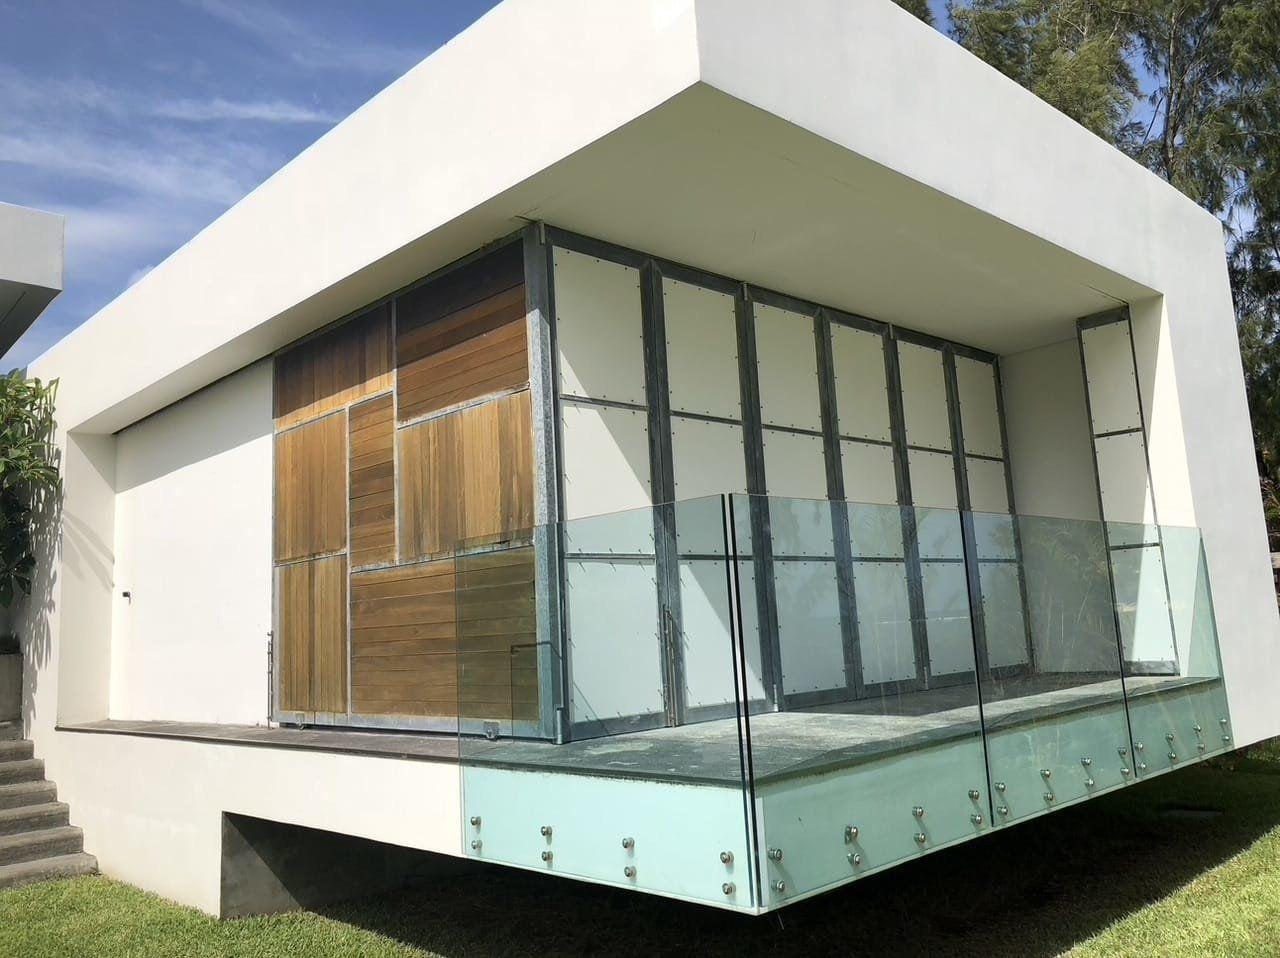 Maison à vendre 5 3657.57m2 à Ile Maurice vignette-11